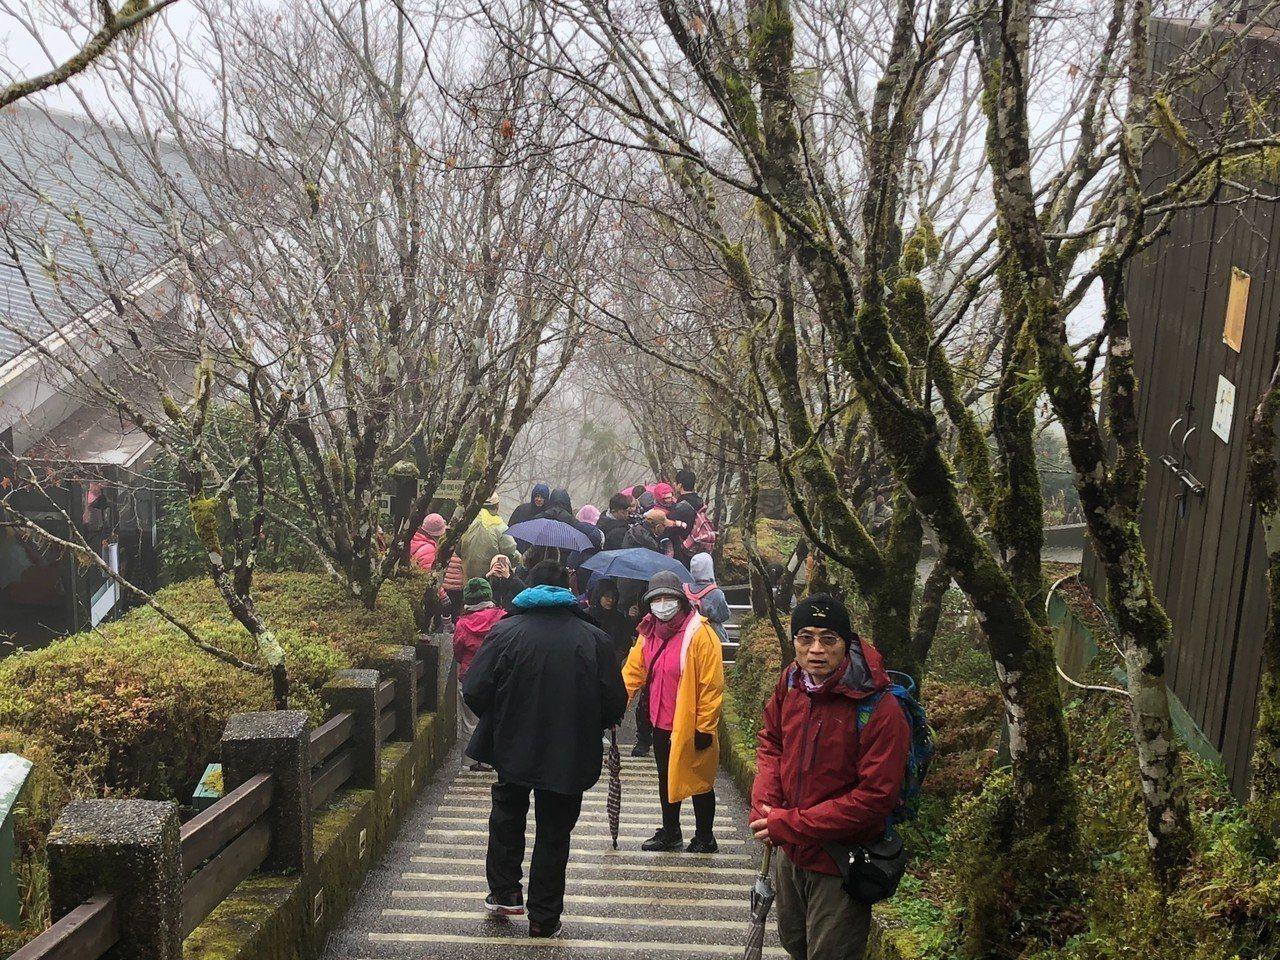 太平山森林遊樂區霧氣白茫朦朧美,但溫度不夠,還沒有冷到下雪結霜。圖/羅東林管處提...